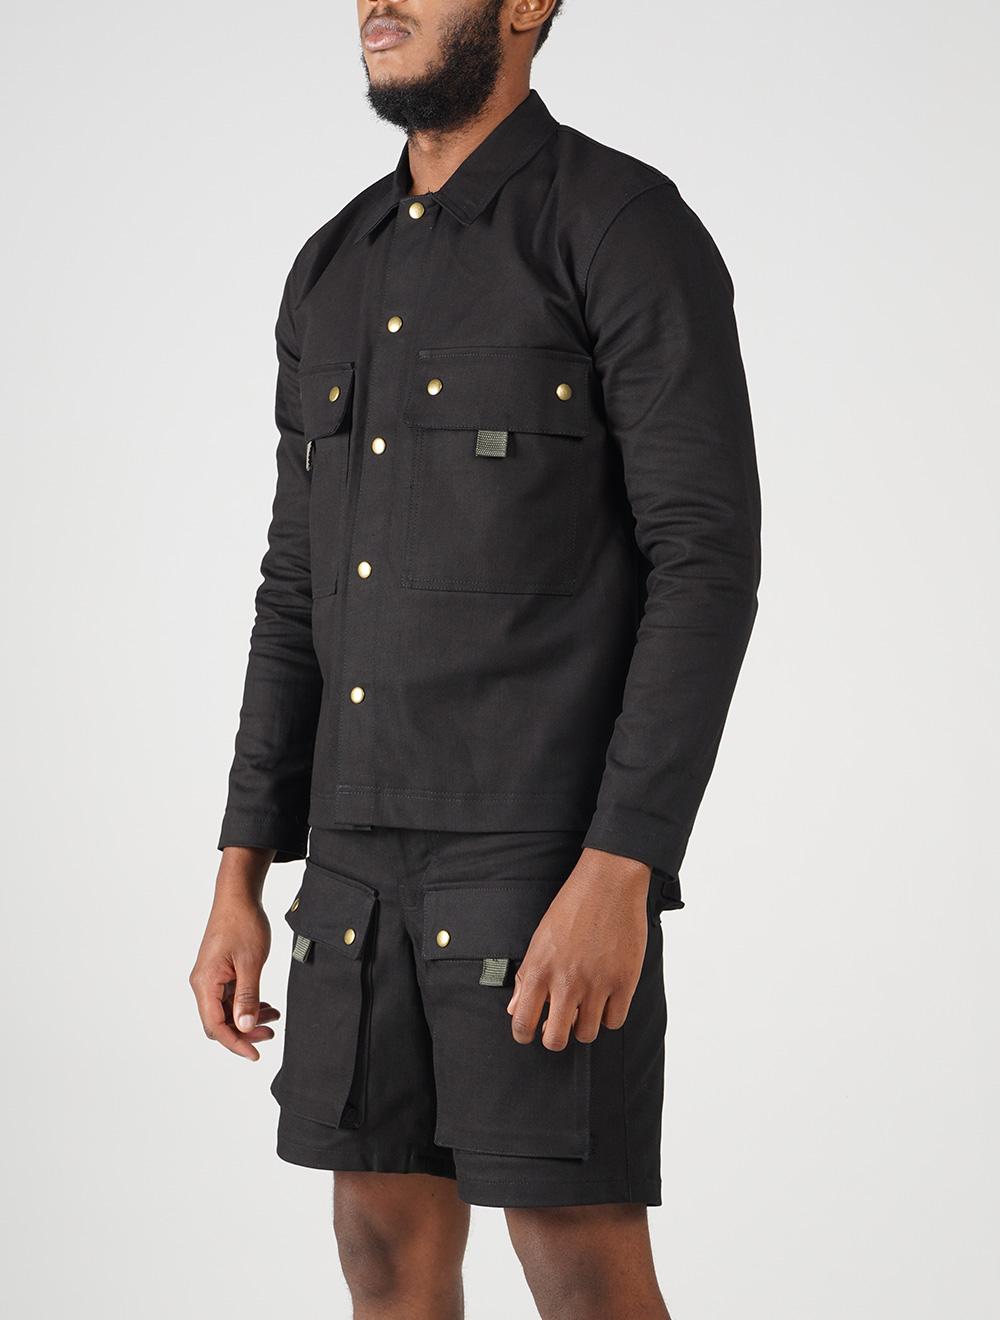 Inkunz'emnyama worker jacket – Side